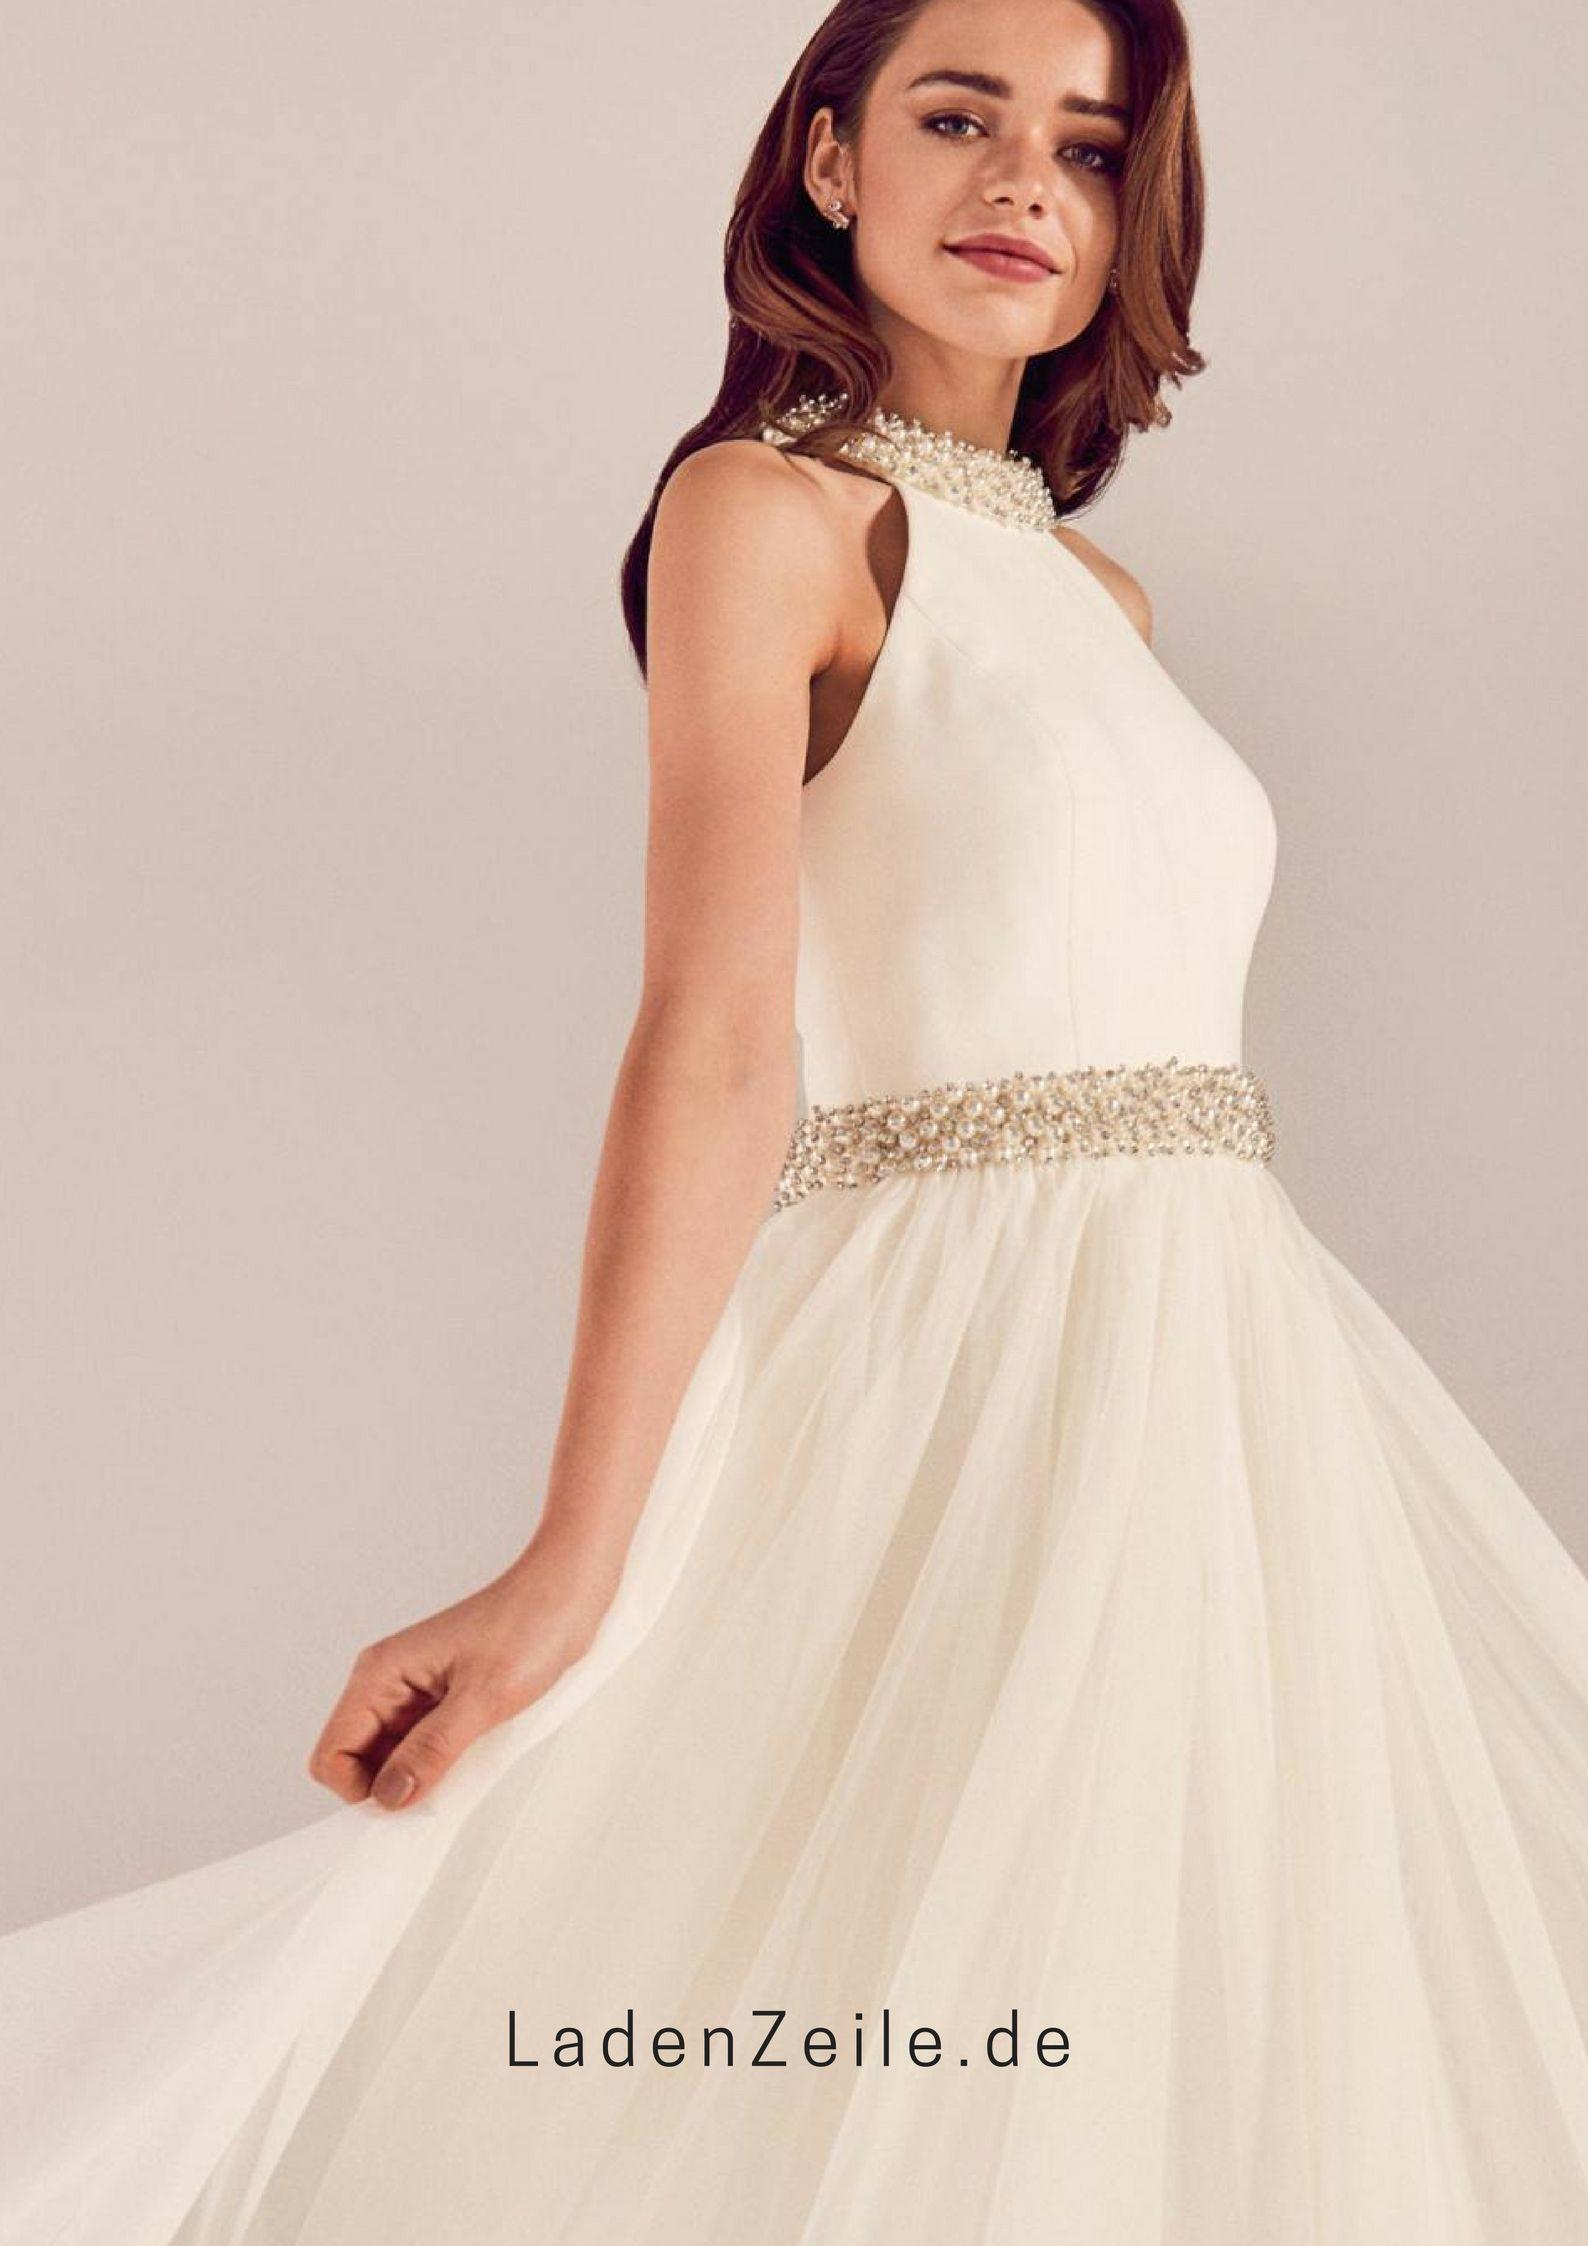 Ted Baker Festliche Kleider Festliche Kleider Prachtiges Brautkleid Mieder Brautkleid